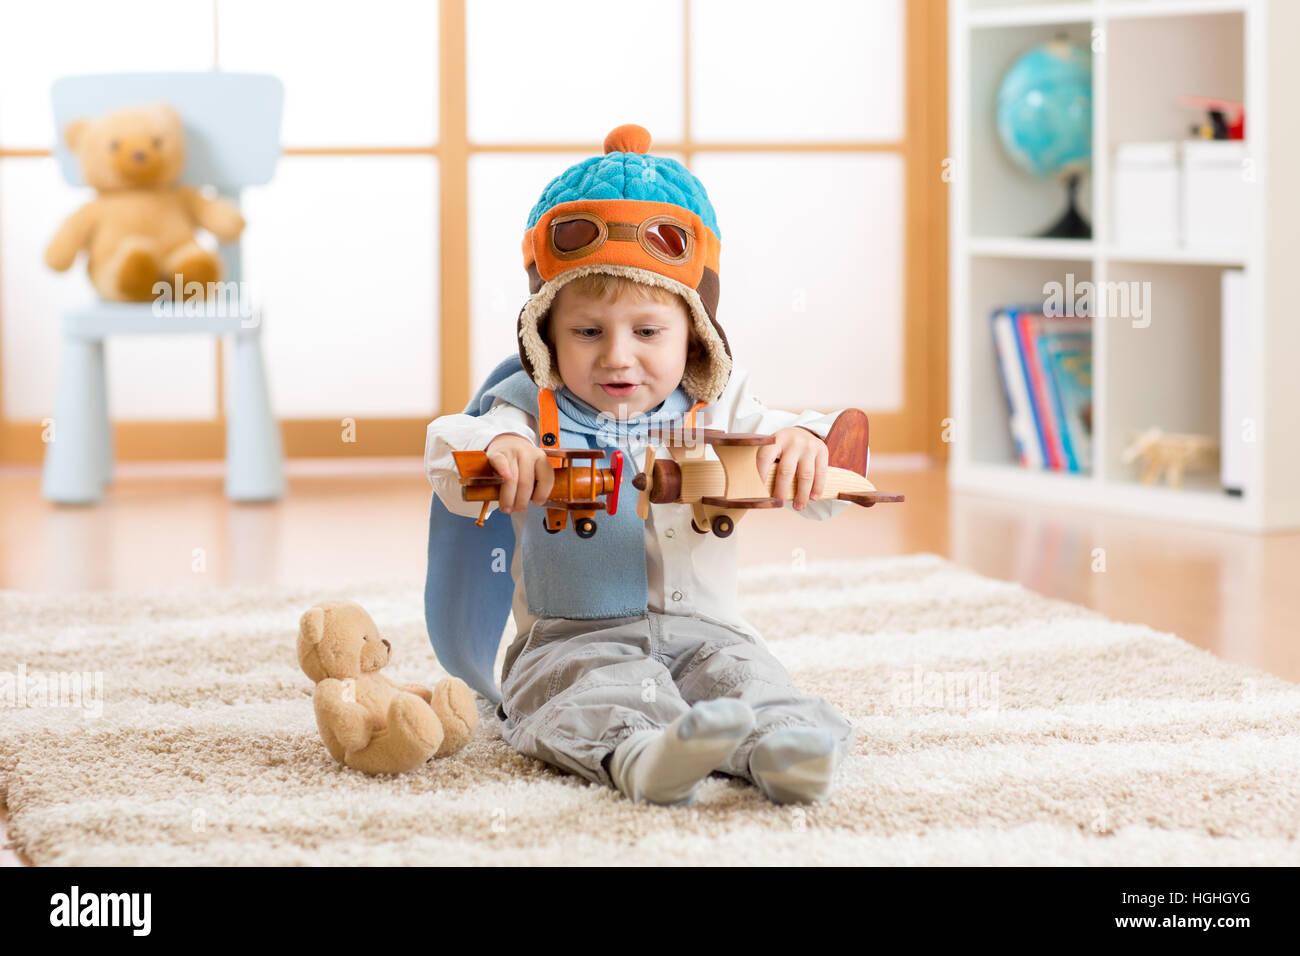 Niño feliz muchacho jugando con avión de juguete en casa en su habitación Imagen De Stock